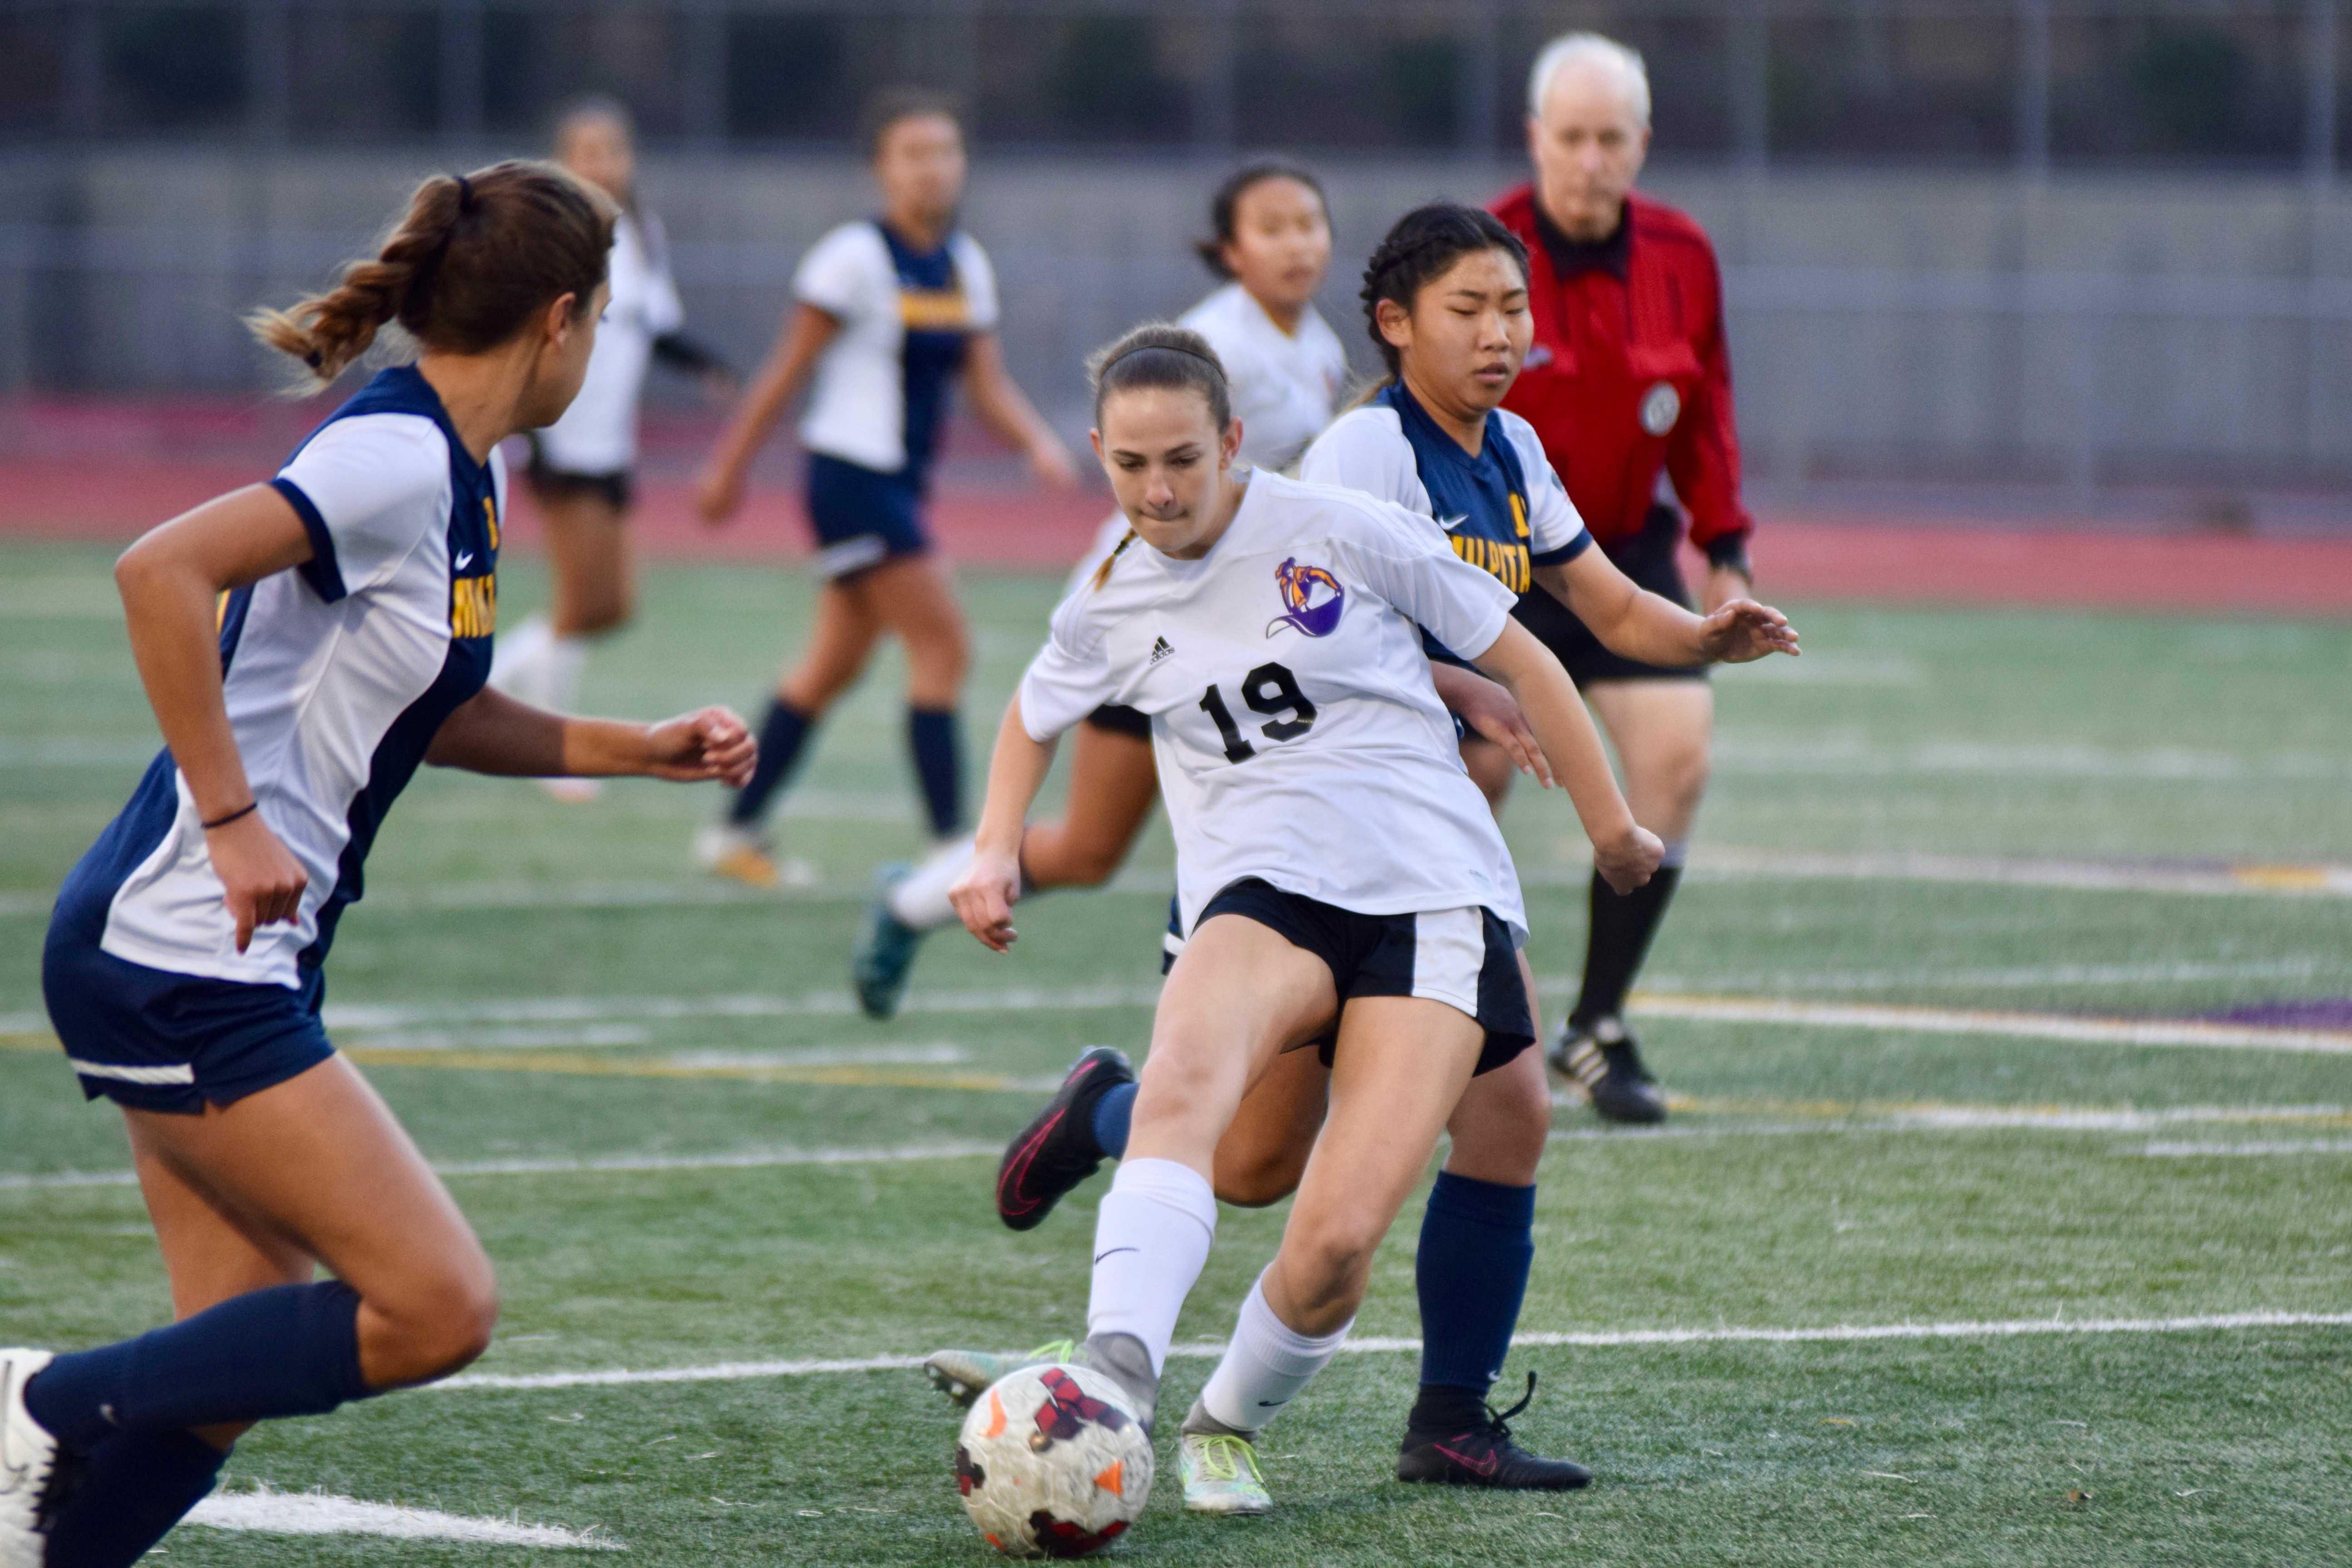 Girls Soccer: Loss against opponent Milpitas HS